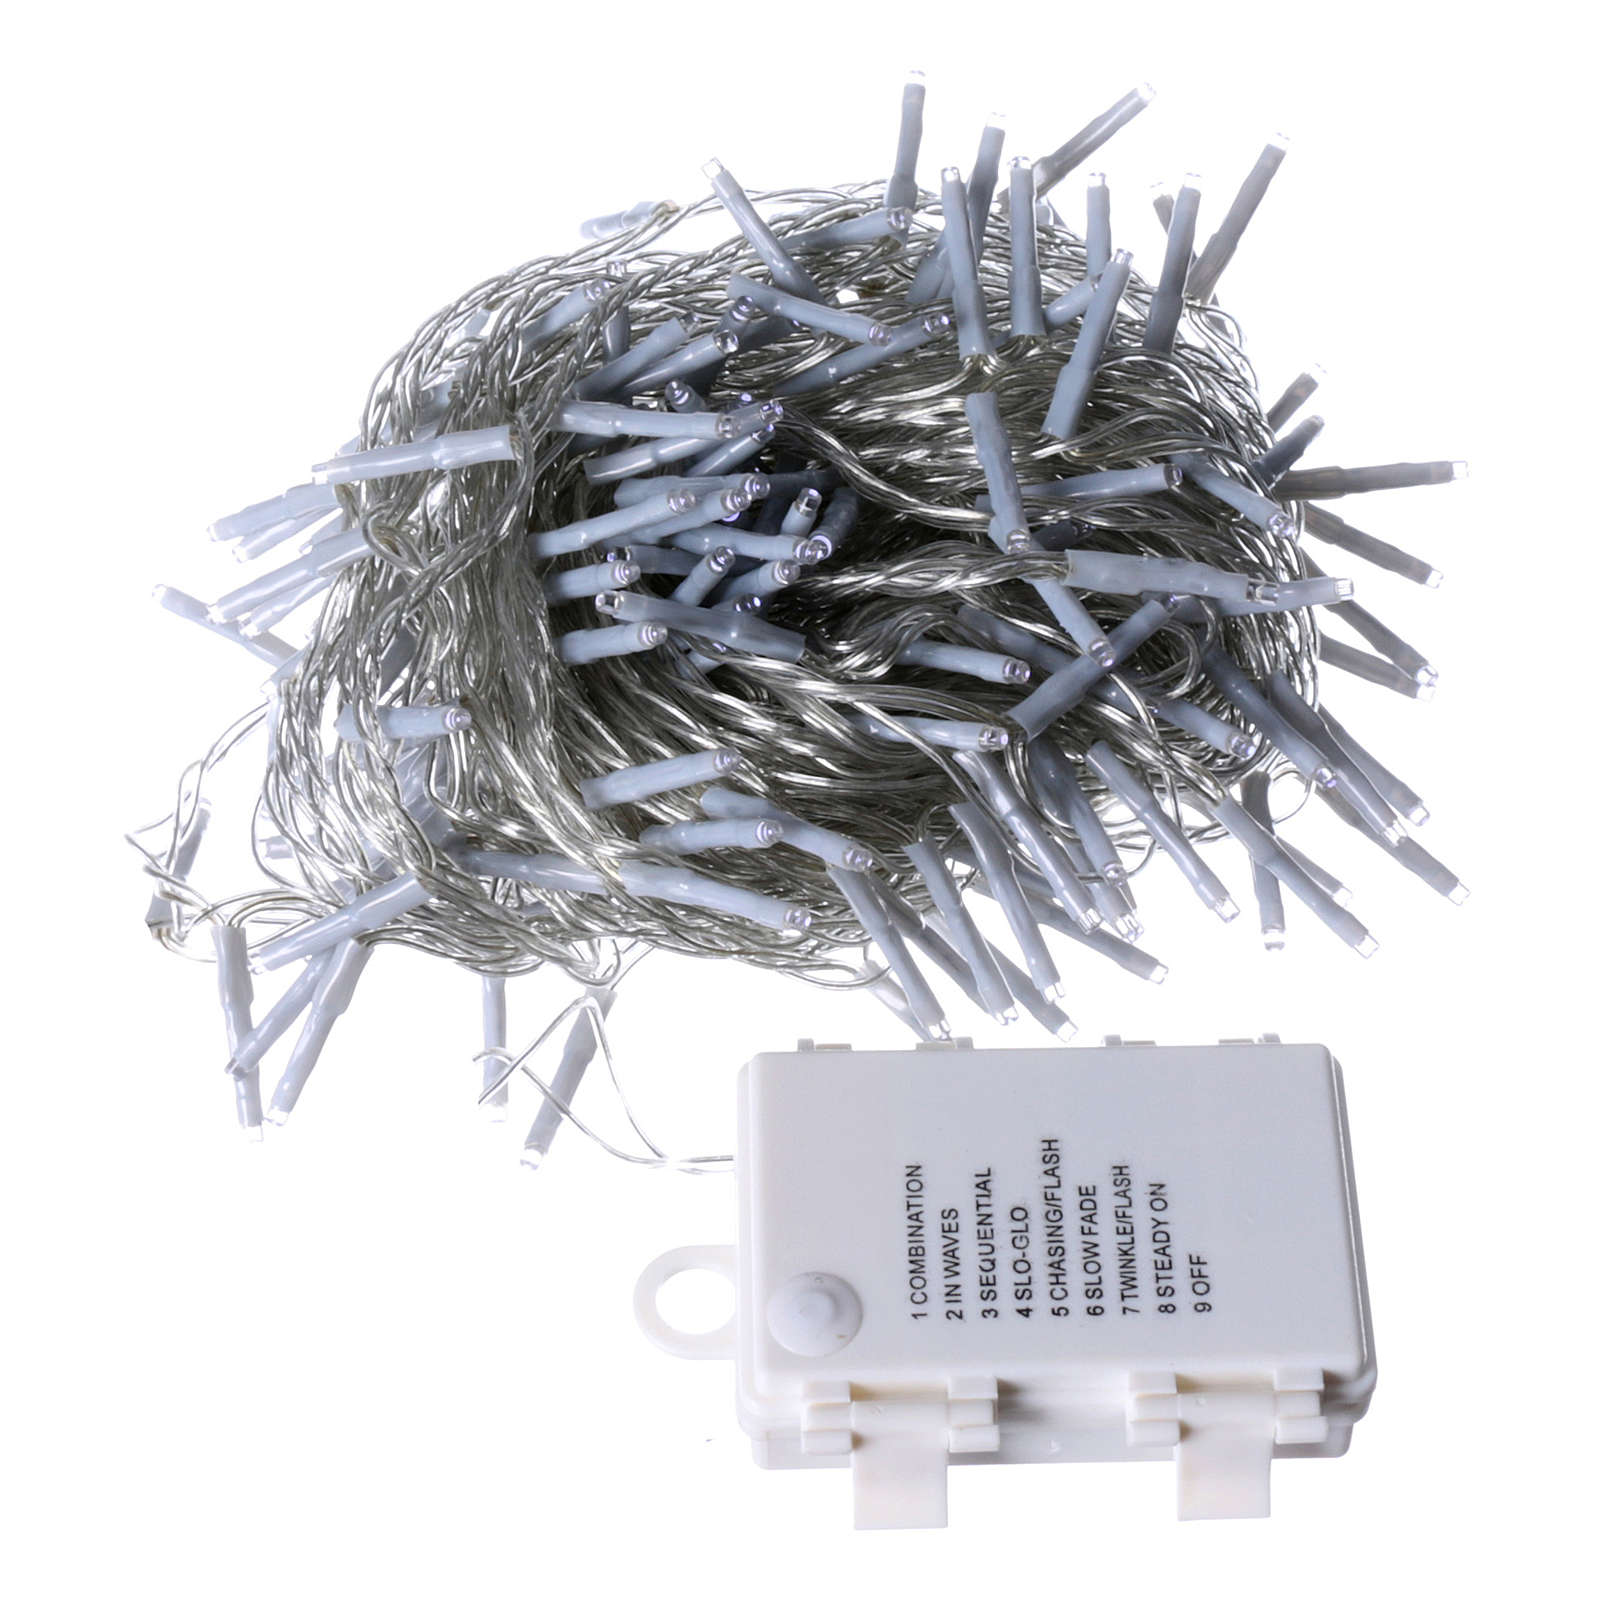 Catena luci di Natale 240 LED bianco freddo memoria e timer ESTERNO batteria 3